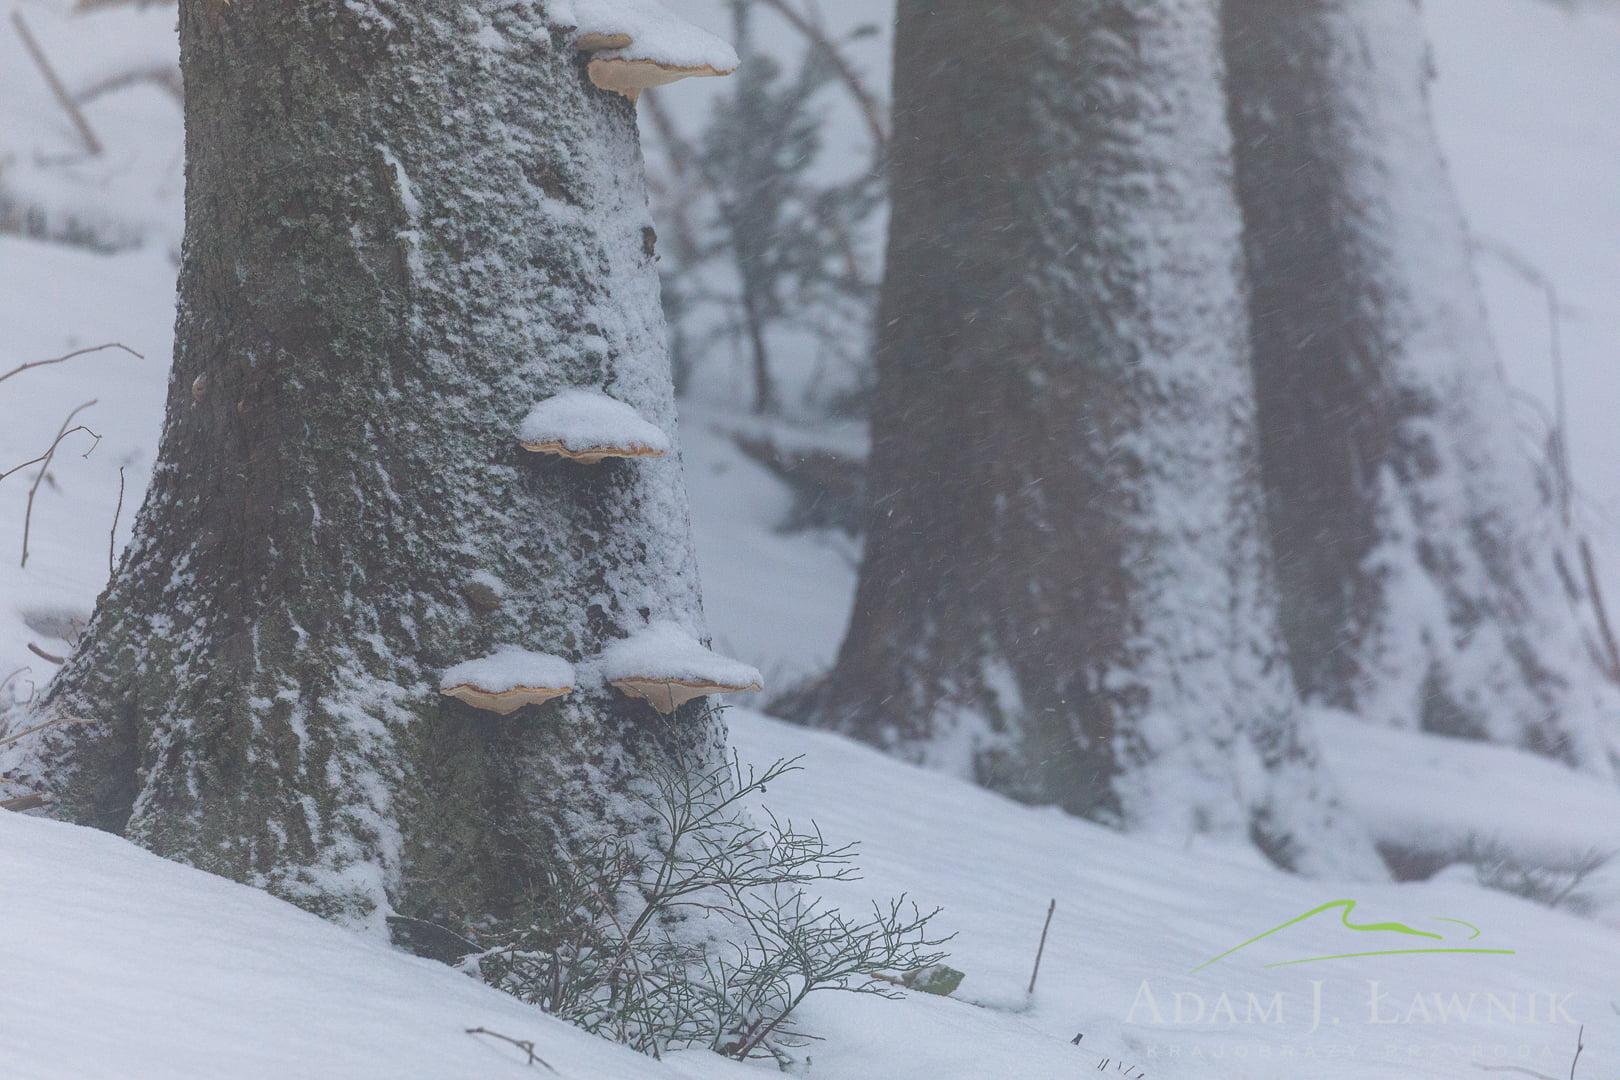 Pnie drzew z hubami w zimowej scenerii